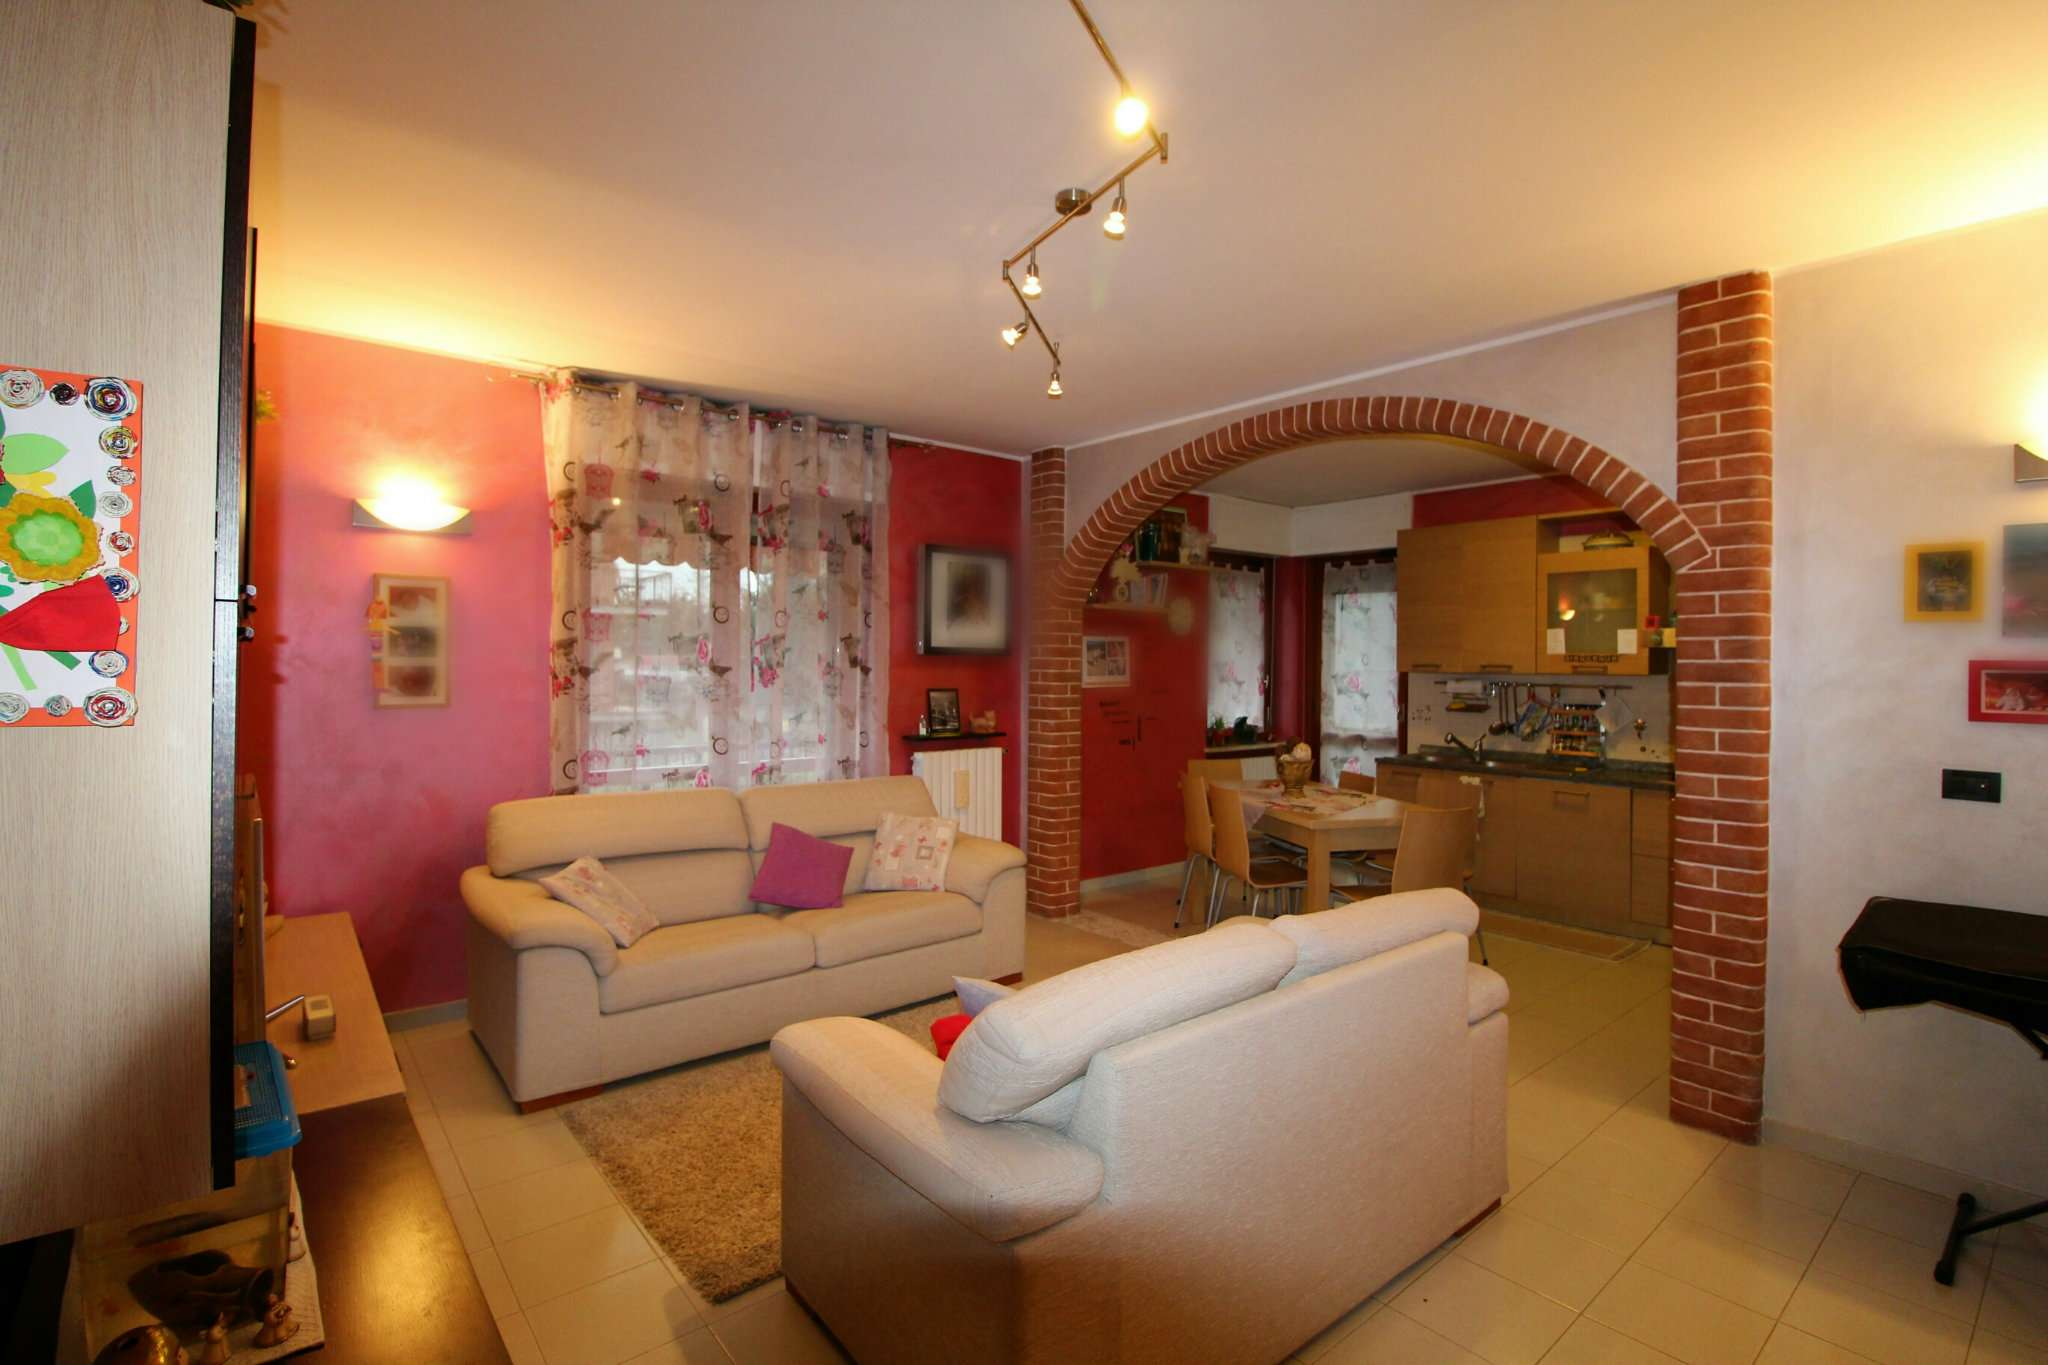 Appartamento in vendita a Candiolo, 5 locali, prezzo € 173.000 | CambioCasa.it